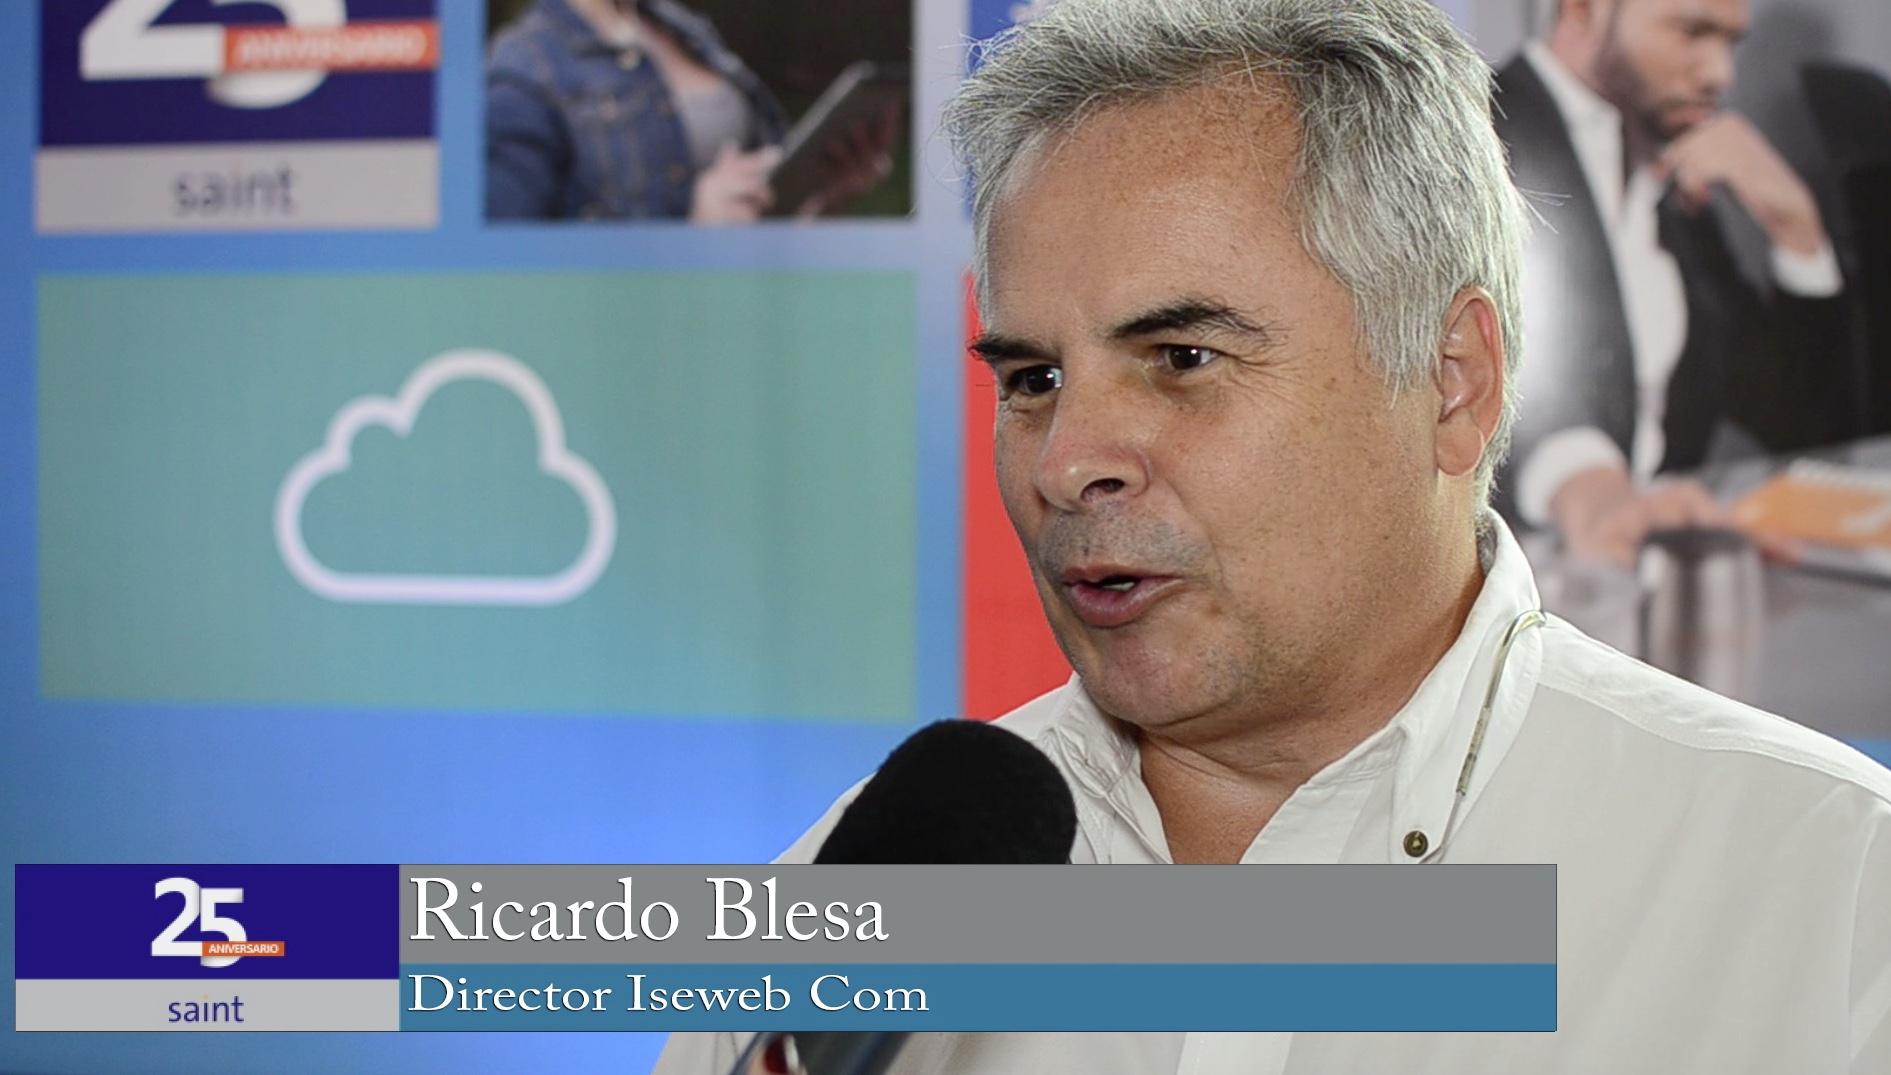 Ricardo Blesa, director de Iseweb habla sobre su trabajo con saint.